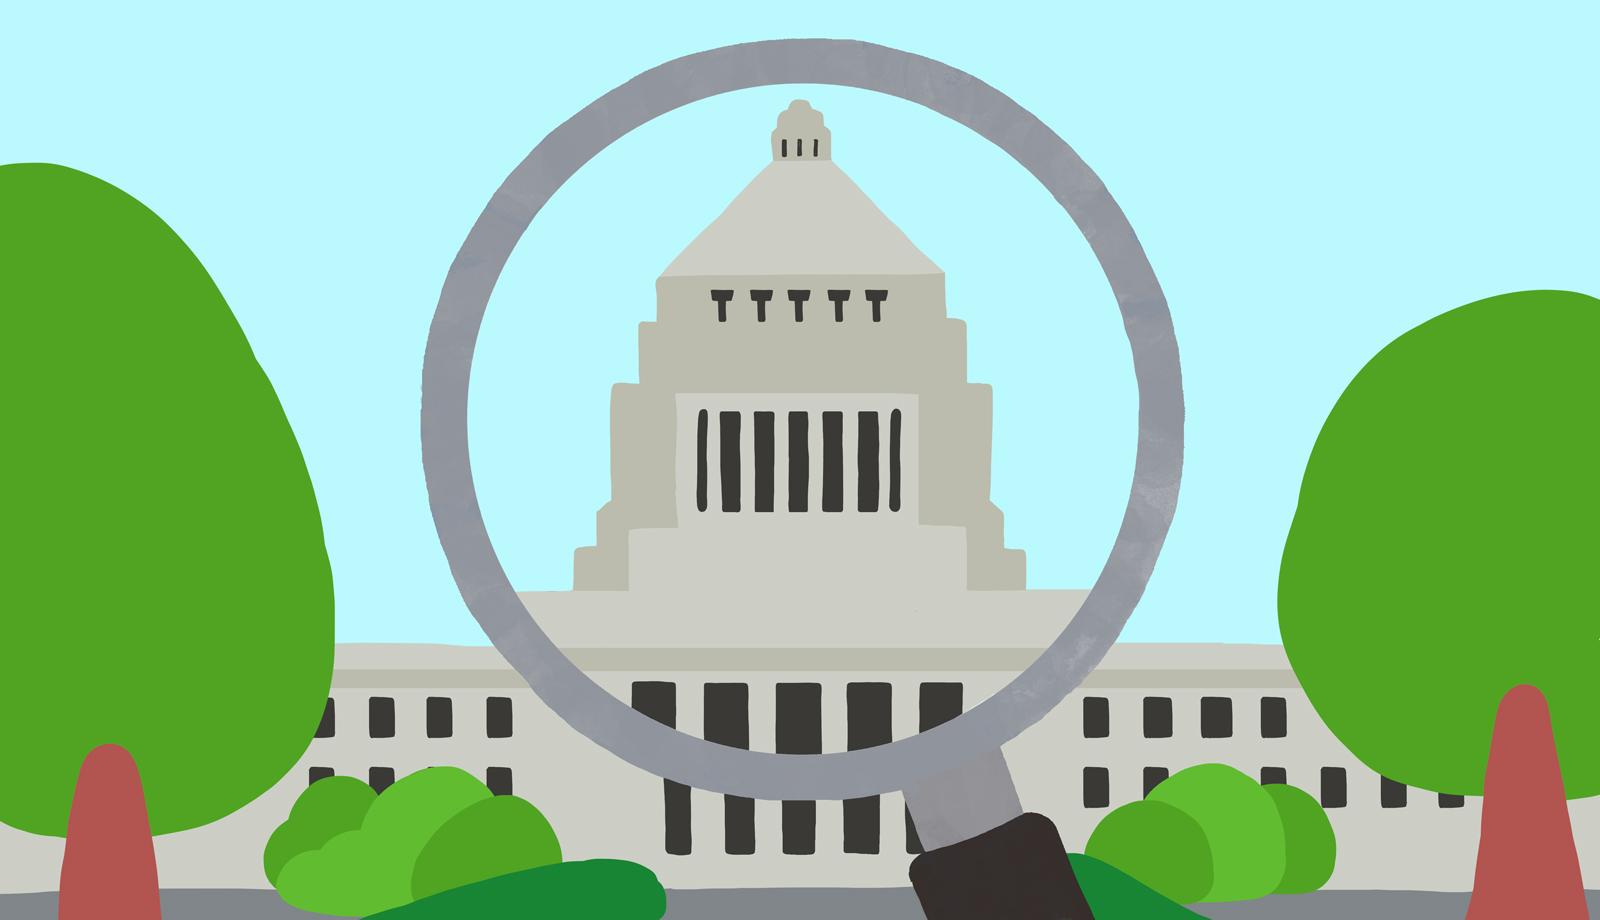 2018年度税制改正案は?どういうケースで増税に?